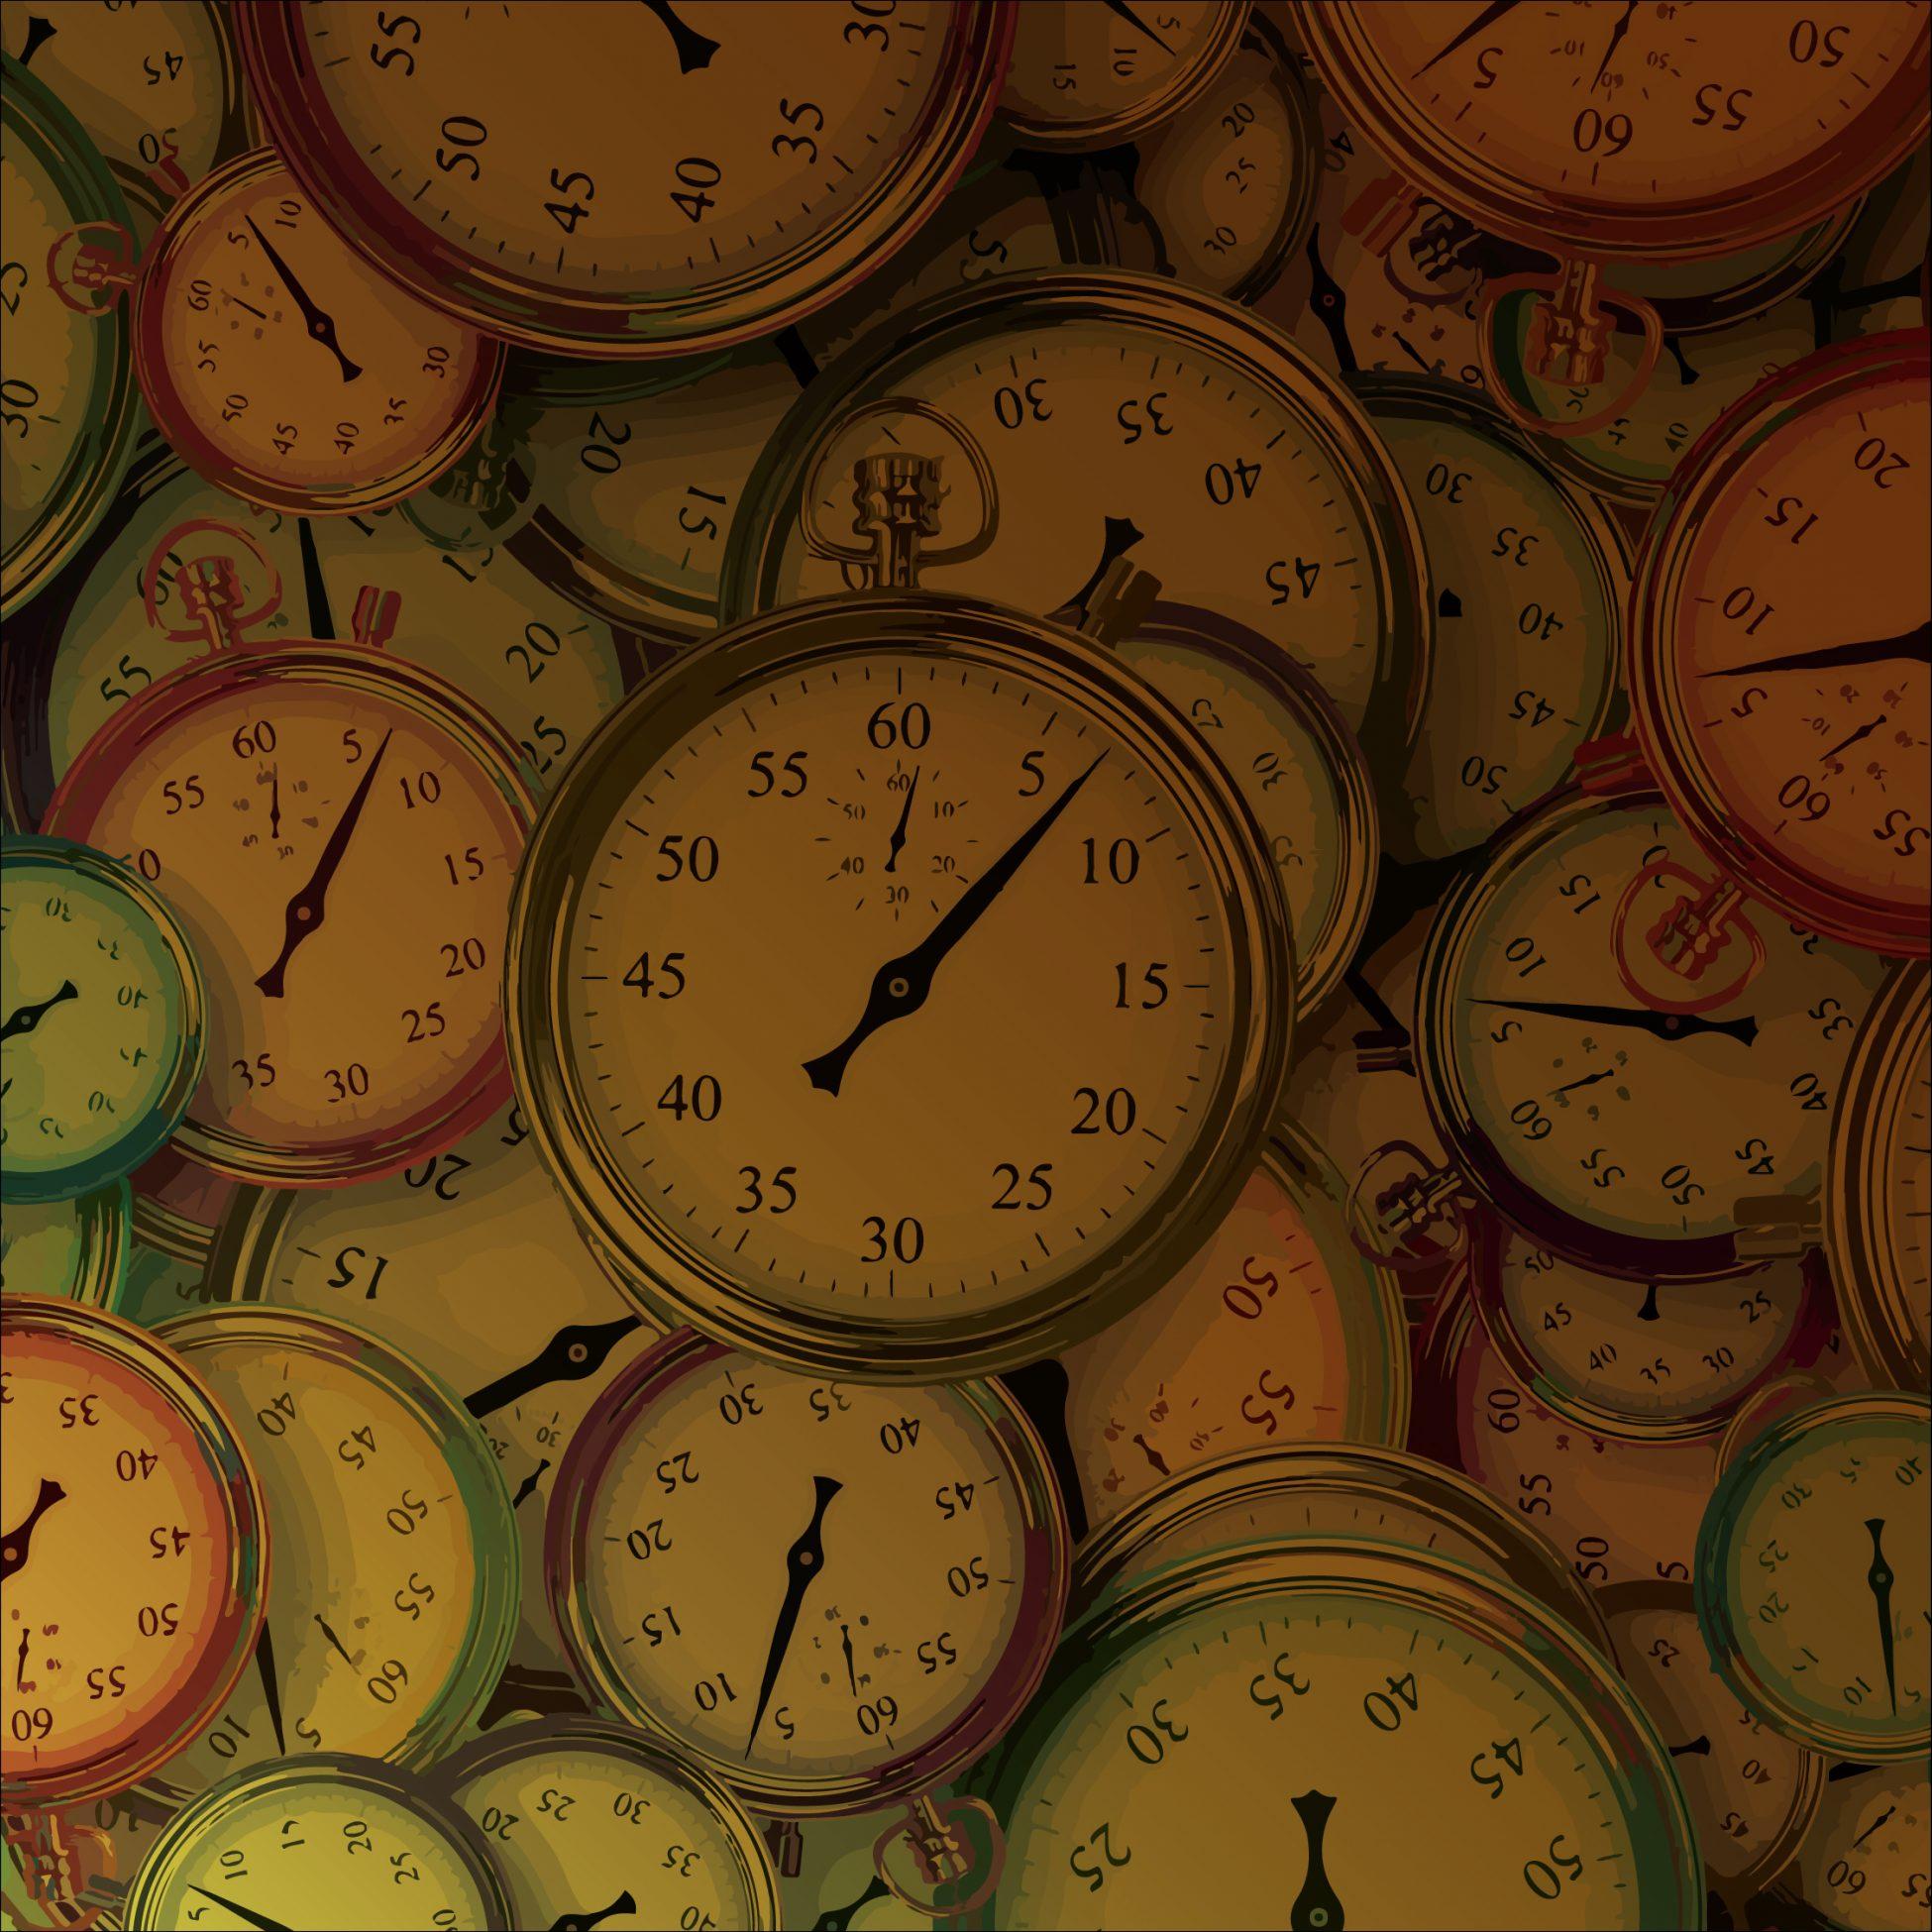 El tiempo va pasando, el tiempo es oro